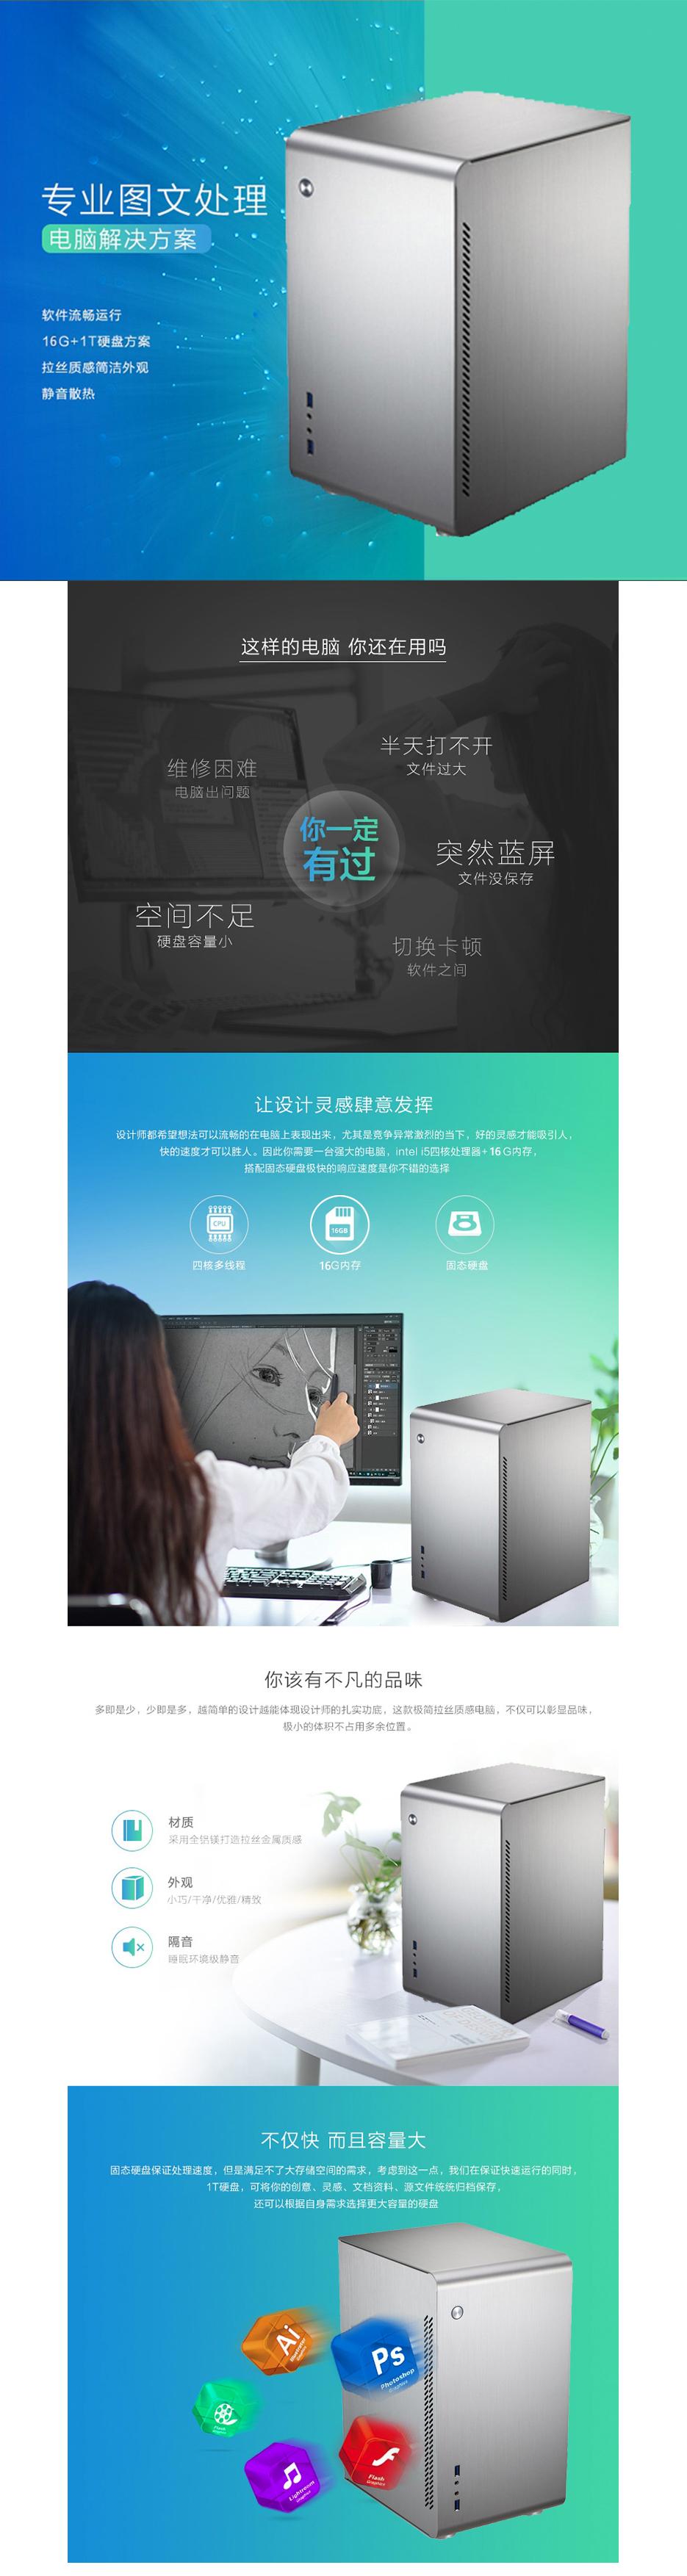 全新至盛云-专业美工图形平面设计主机租赁台式机电脑租赁 I5/16G/1T/独显